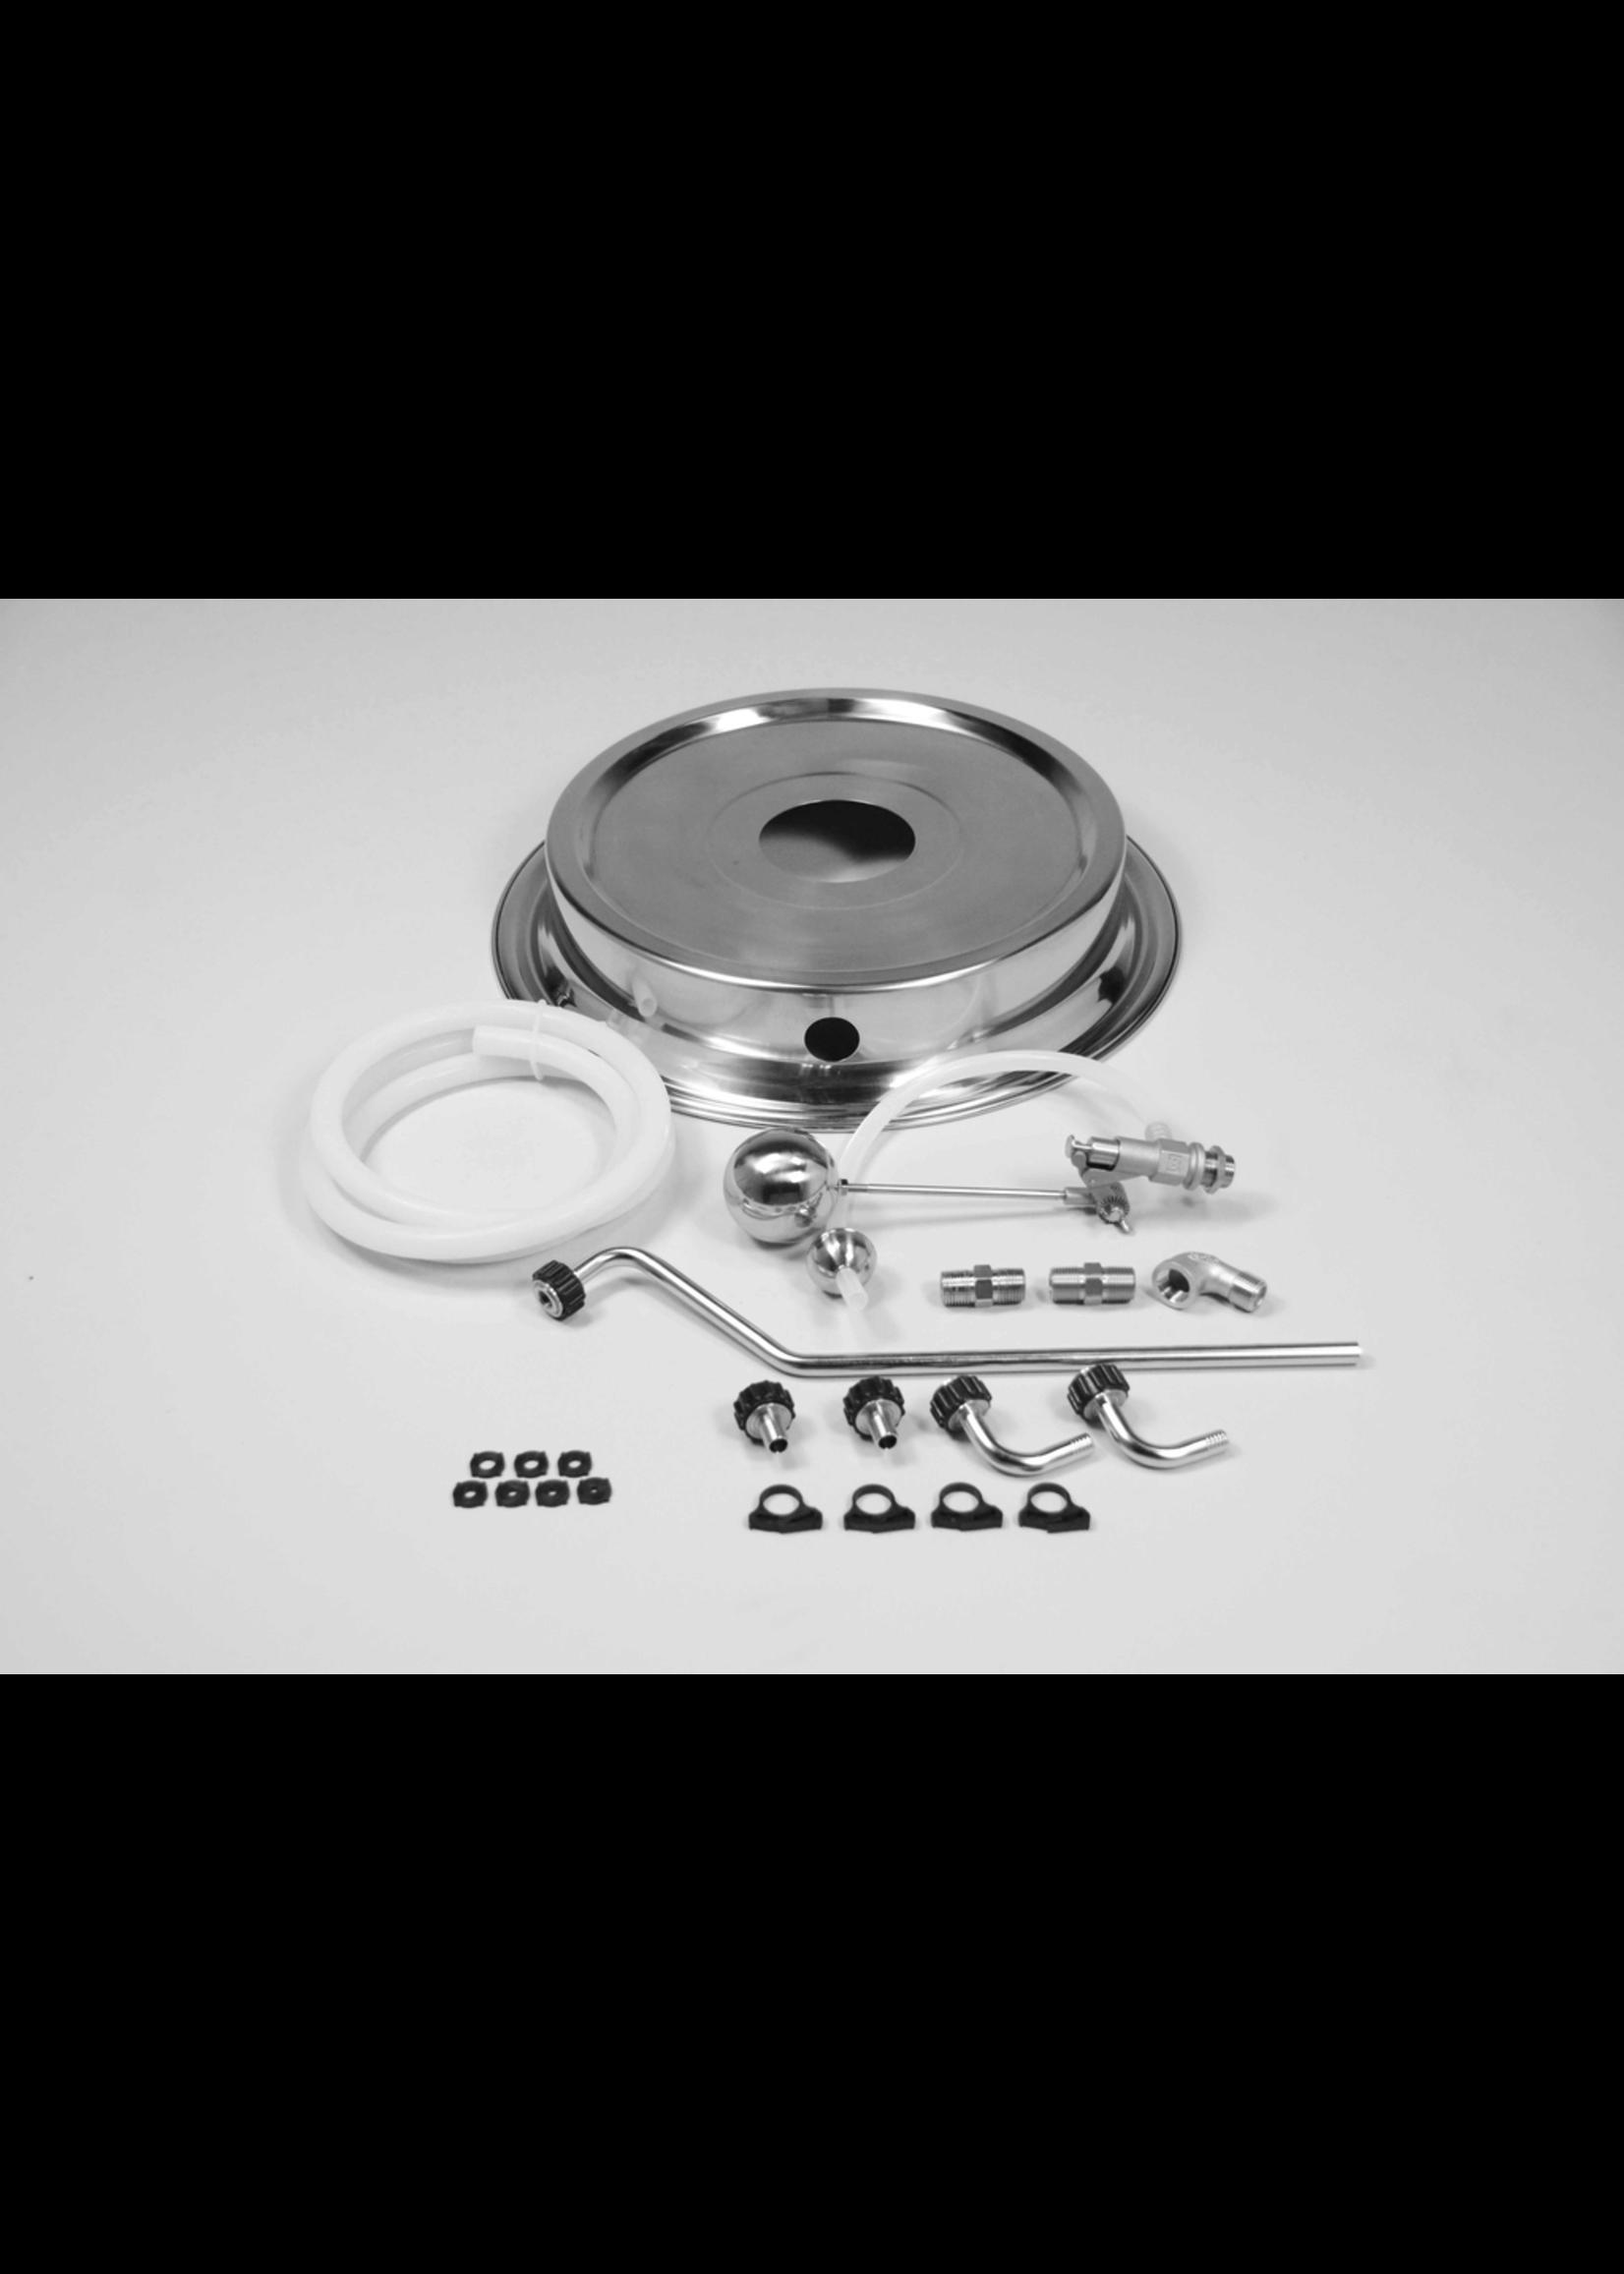 Blichmann Blichmann BrewEasy - Adapter Lid Kit - 10 gallon (G1)